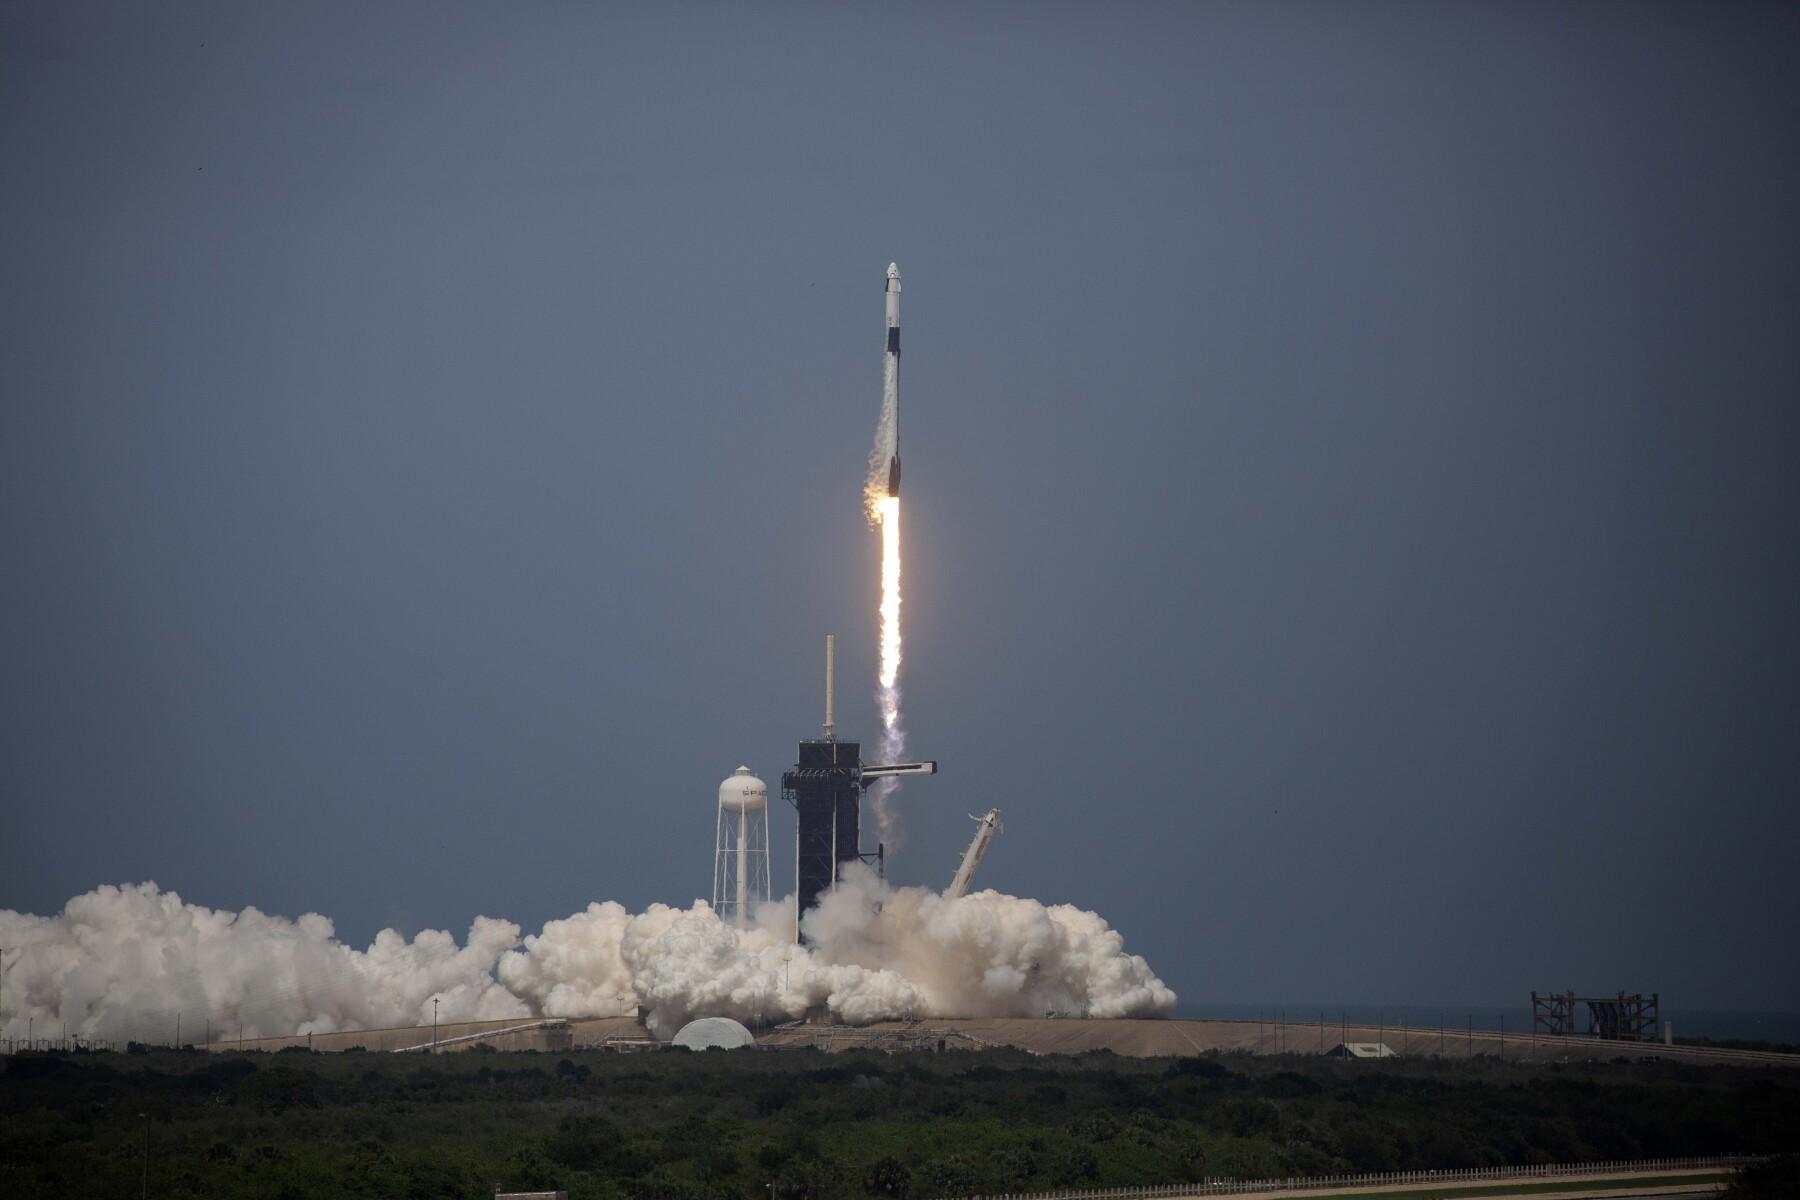 SpaceX_Falcon9.jpg